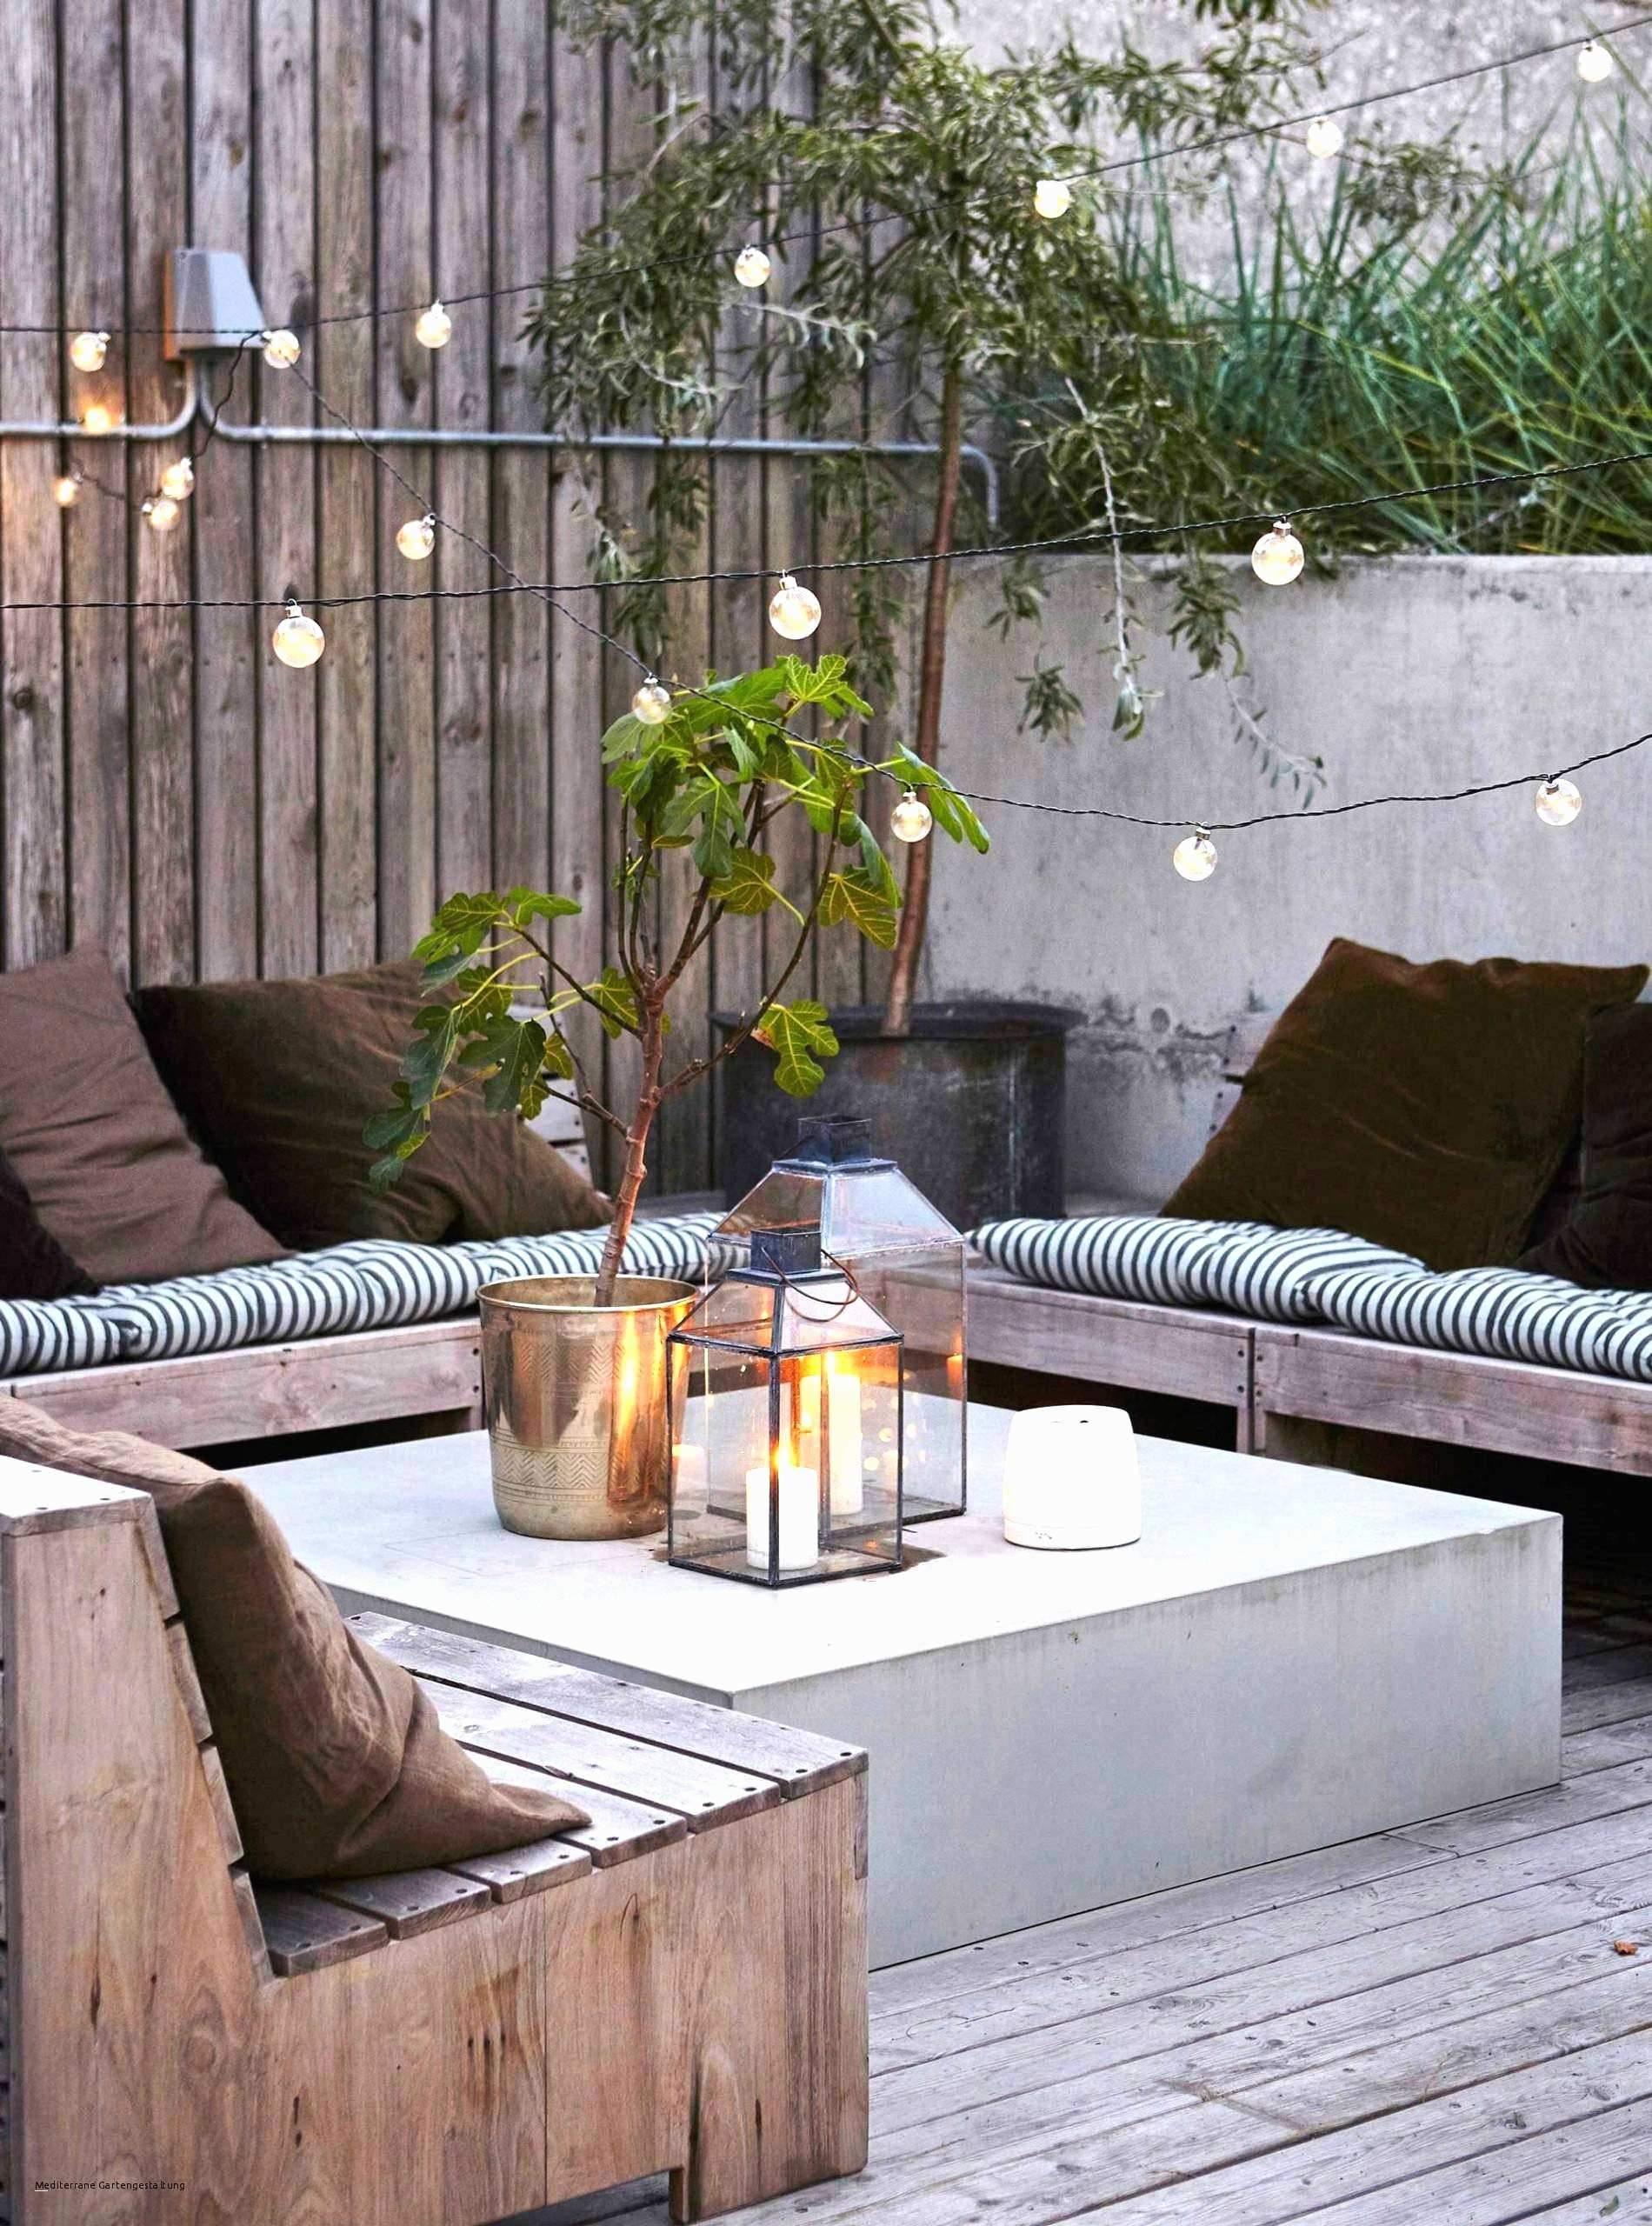 deko garten edelstahl das beste von landhaus deko shop einzigartig sideboard anrichte orient sun of deko garten edelstahl